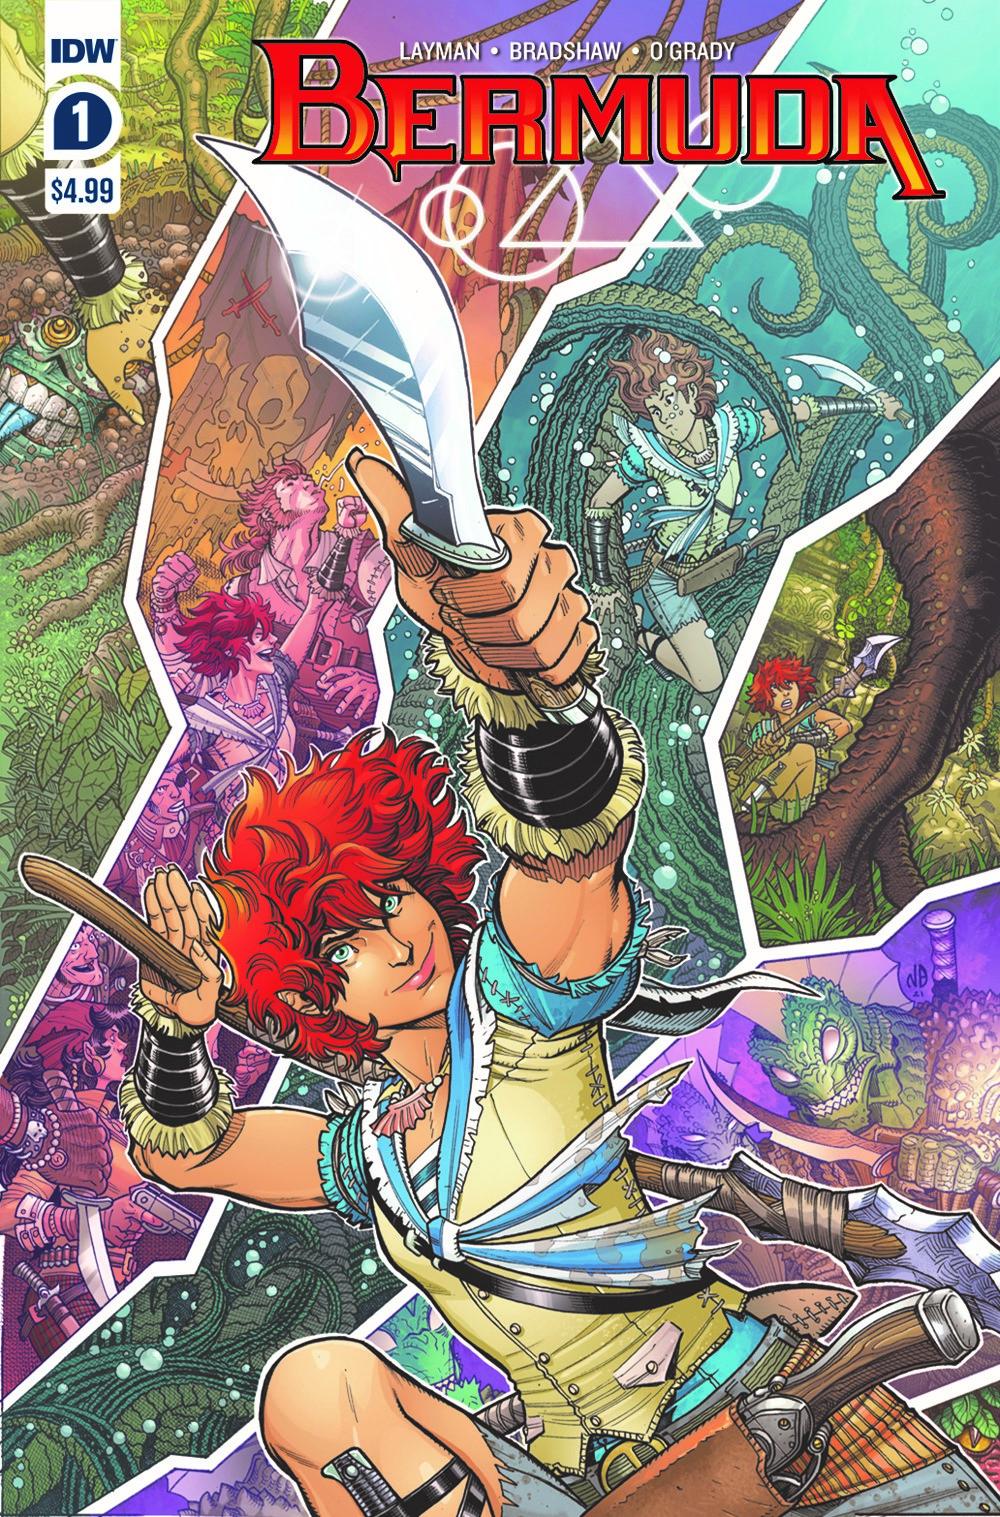 Bermuda_01_CVR ComicList Previews: BERMUDA #1 (OF 4)